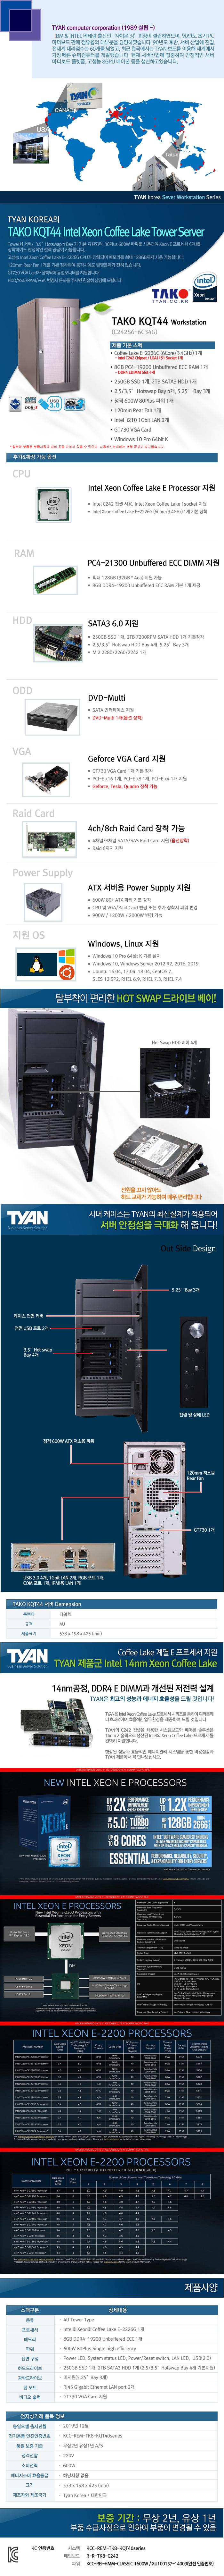 TYAN  TAKO-KQT44-(C242S6-6C34G)(8GB, SSD 250GB + 2TB)